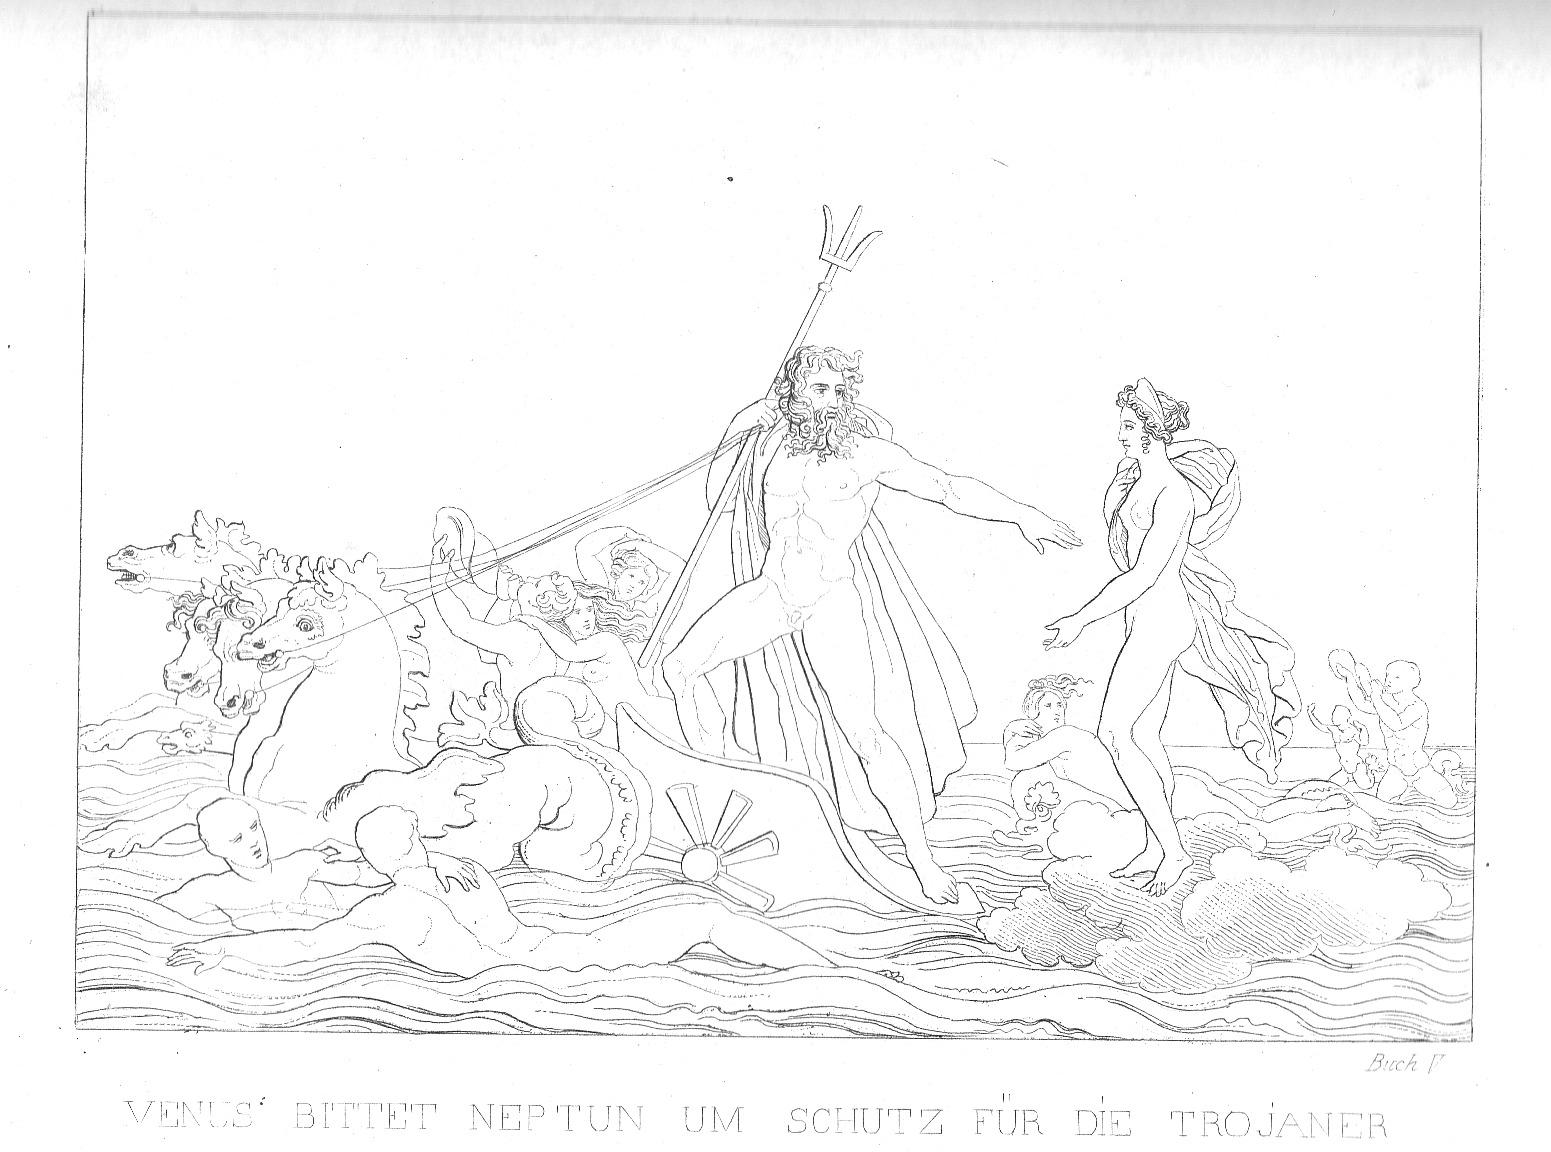 Venus bittet Neptun um Schutz für die Troianer - Aeneis, 5. Buch (großes Bild)